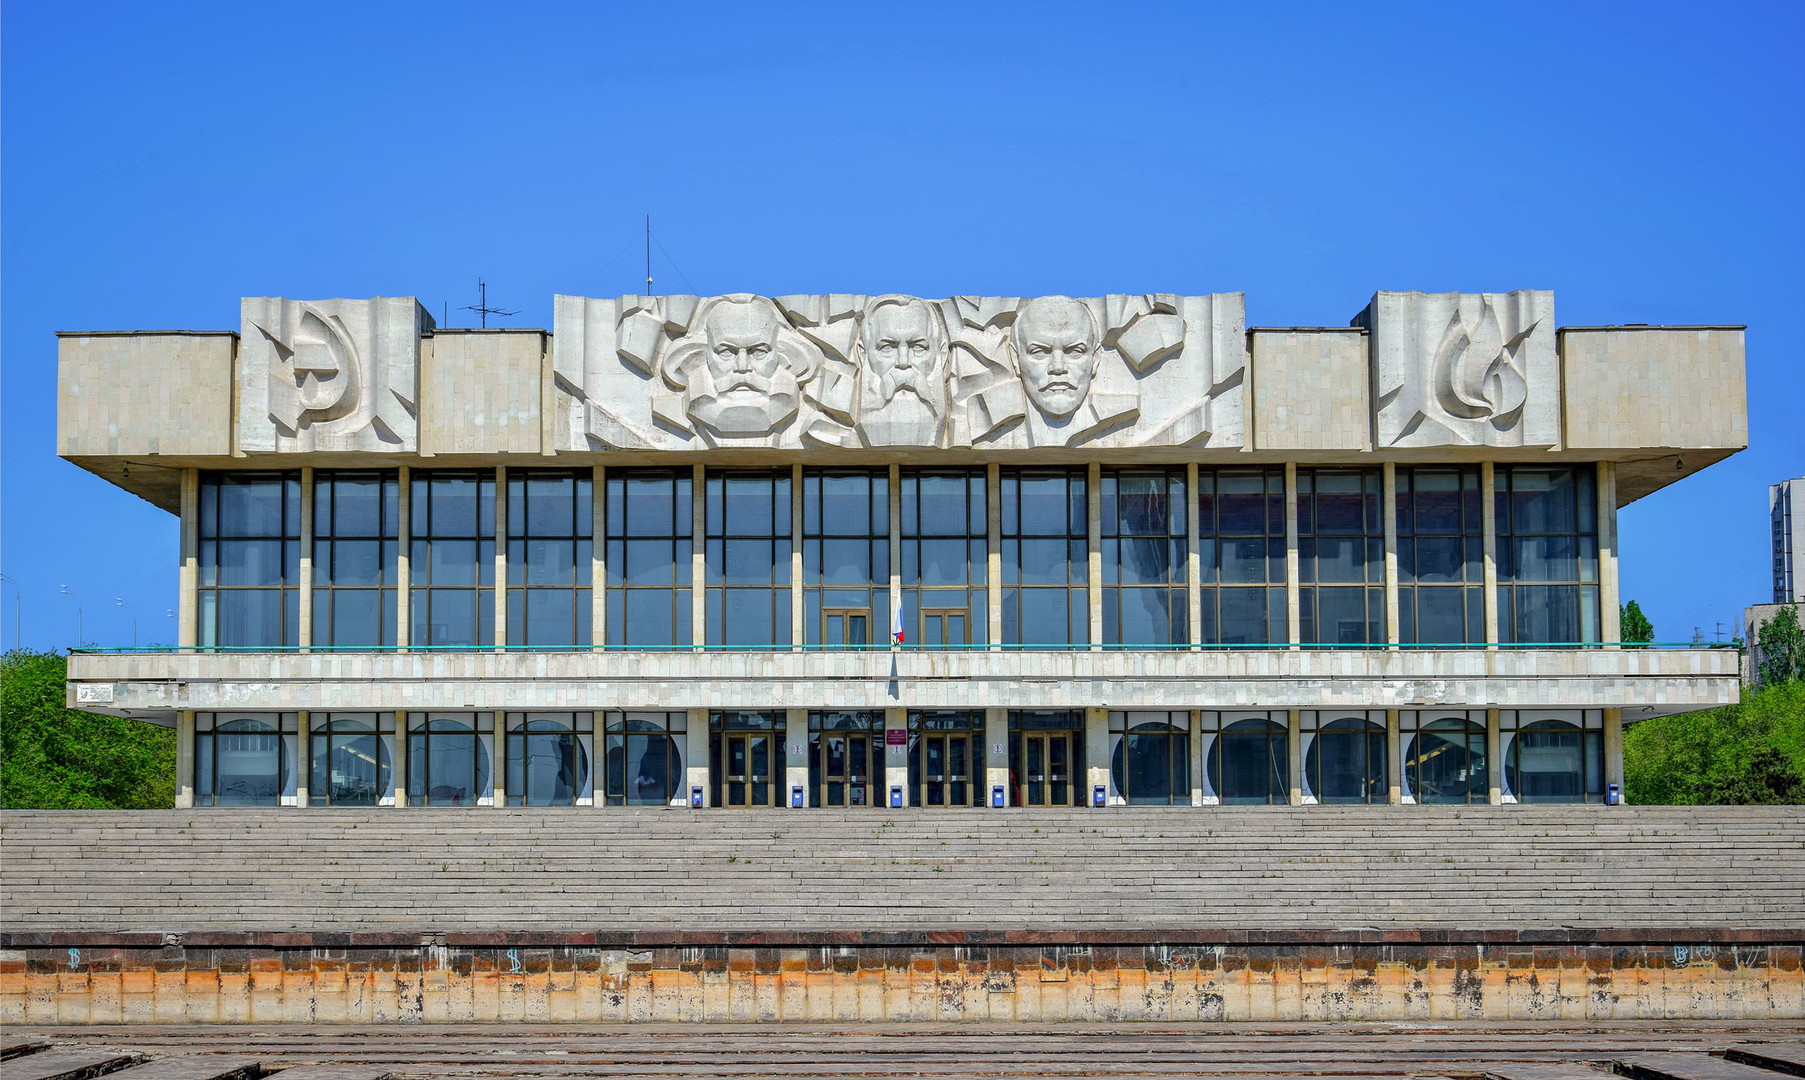 Волгоградская филармония, Волгоград